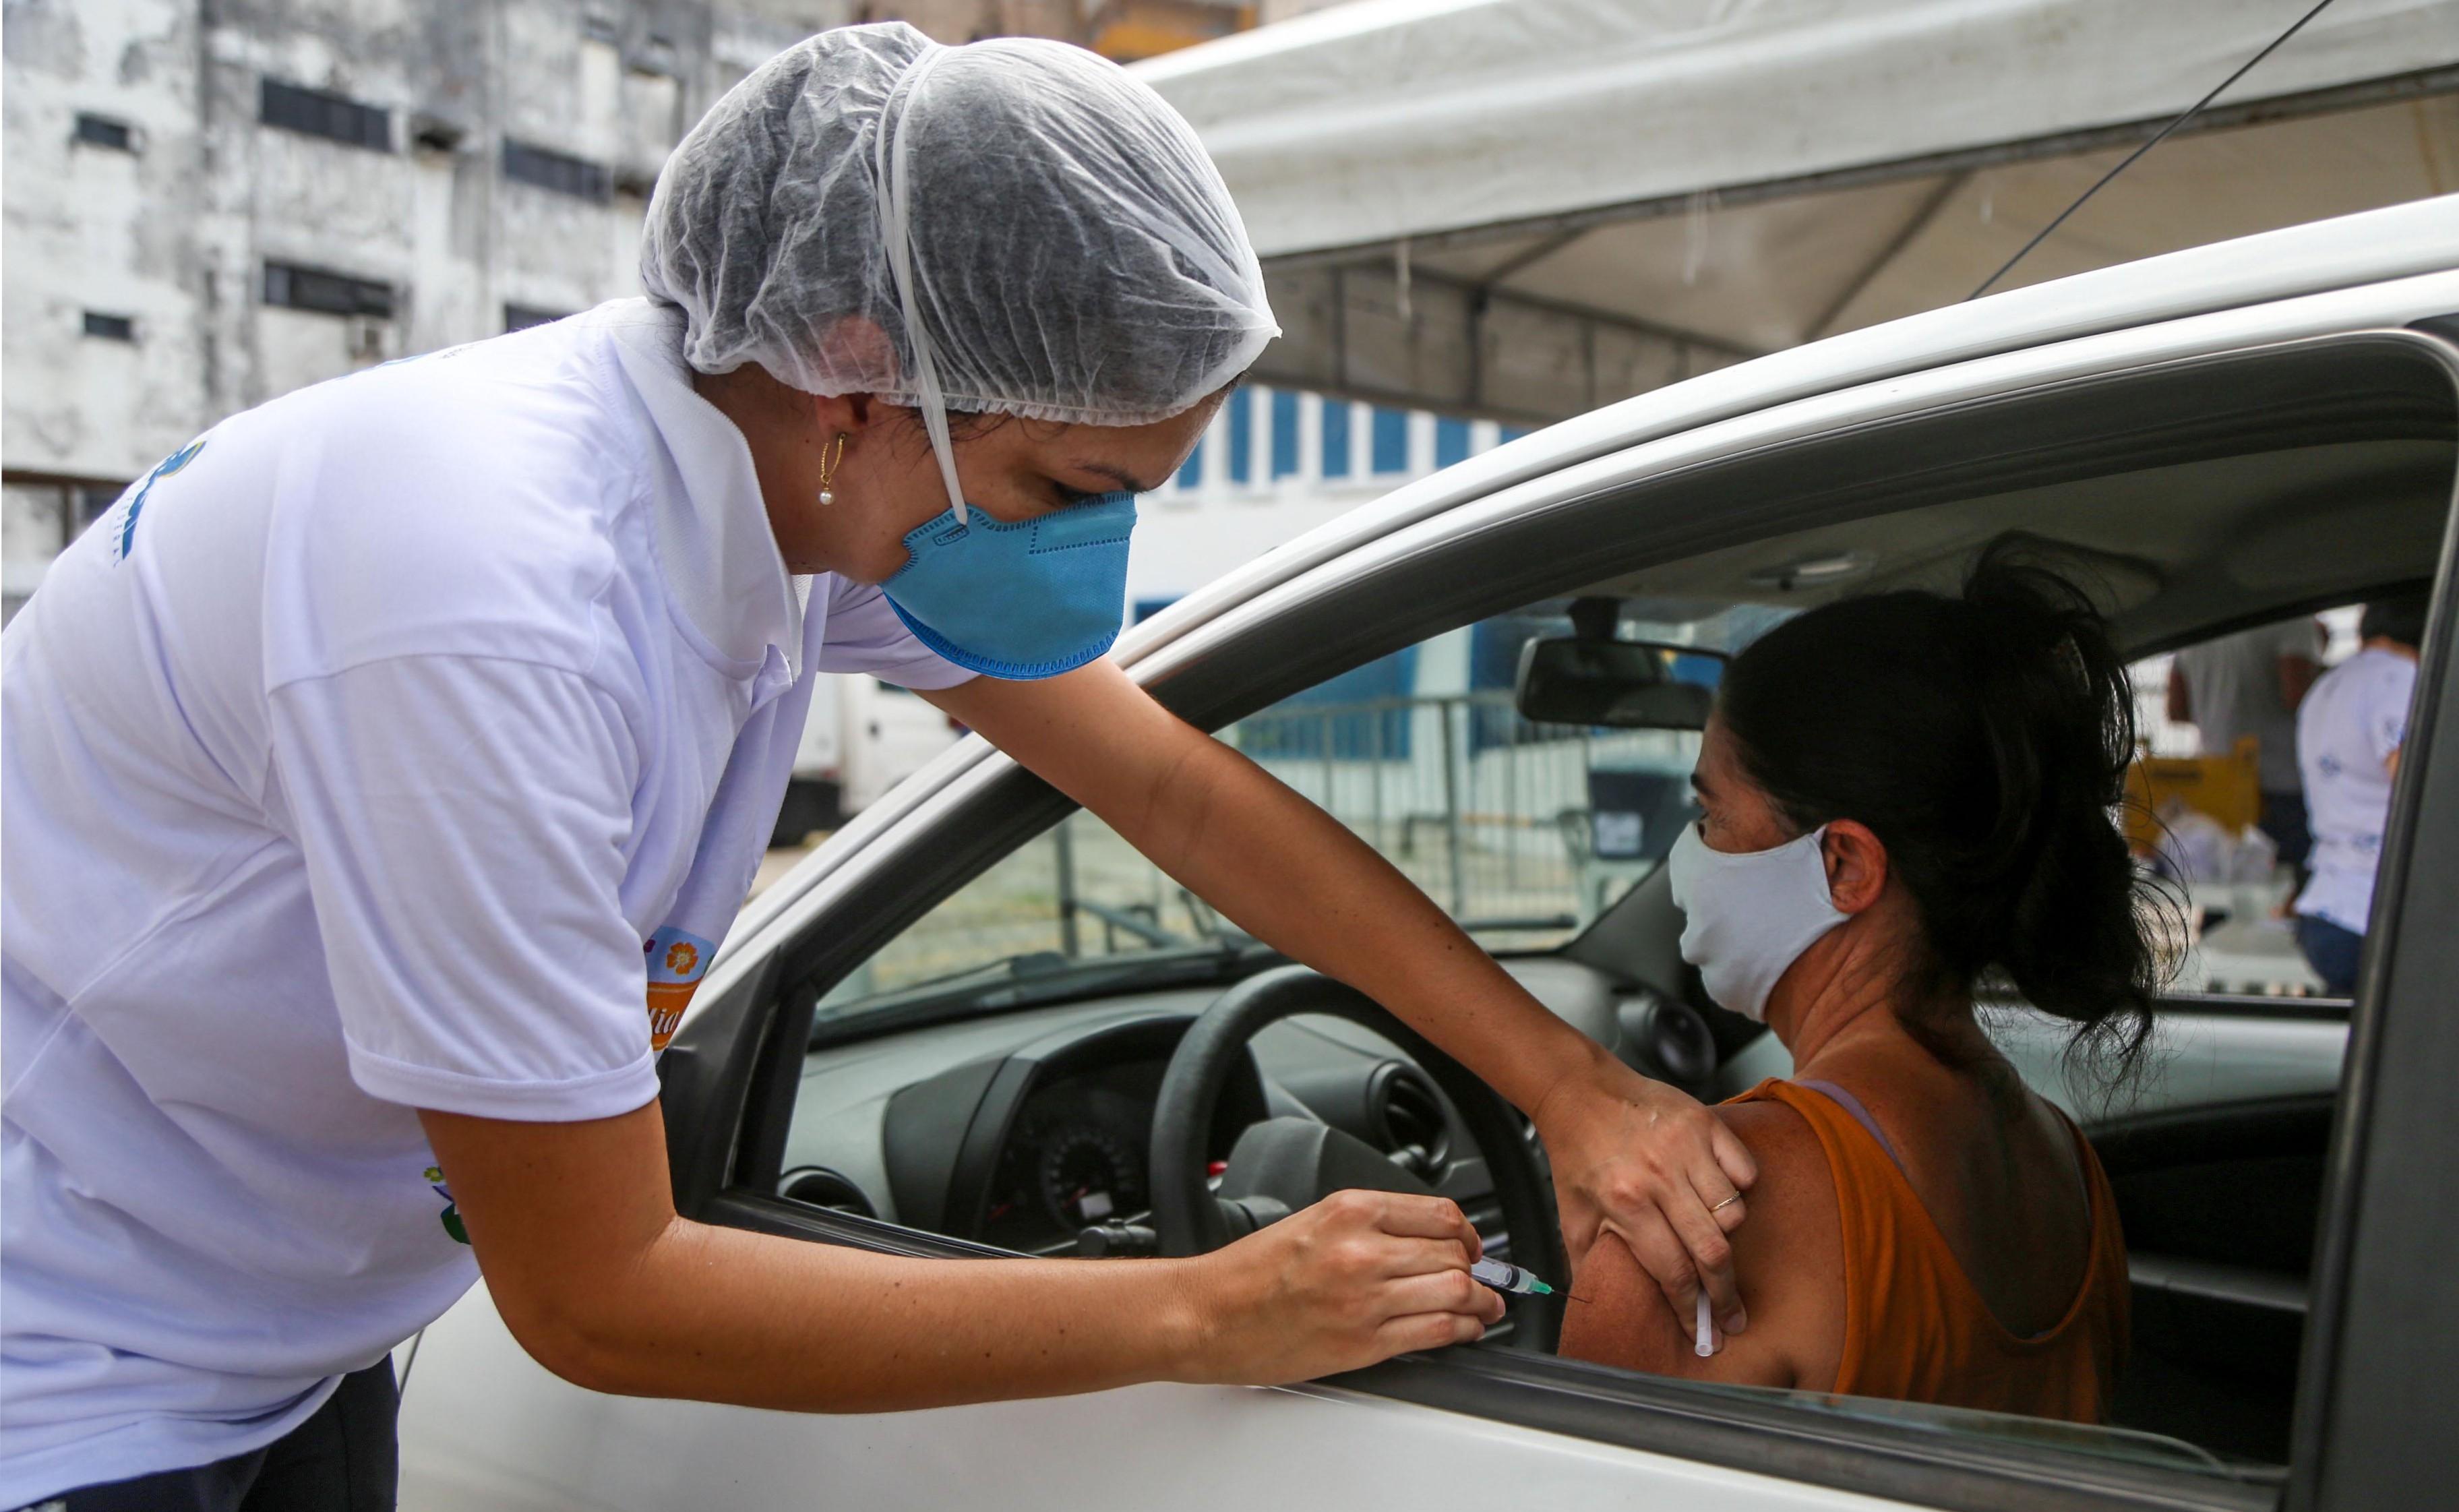 Rodoviários com 18 anos ou mais começam a ser vacinados contra a Covid-19 no sábado em Salvador; imunização de idosos segue